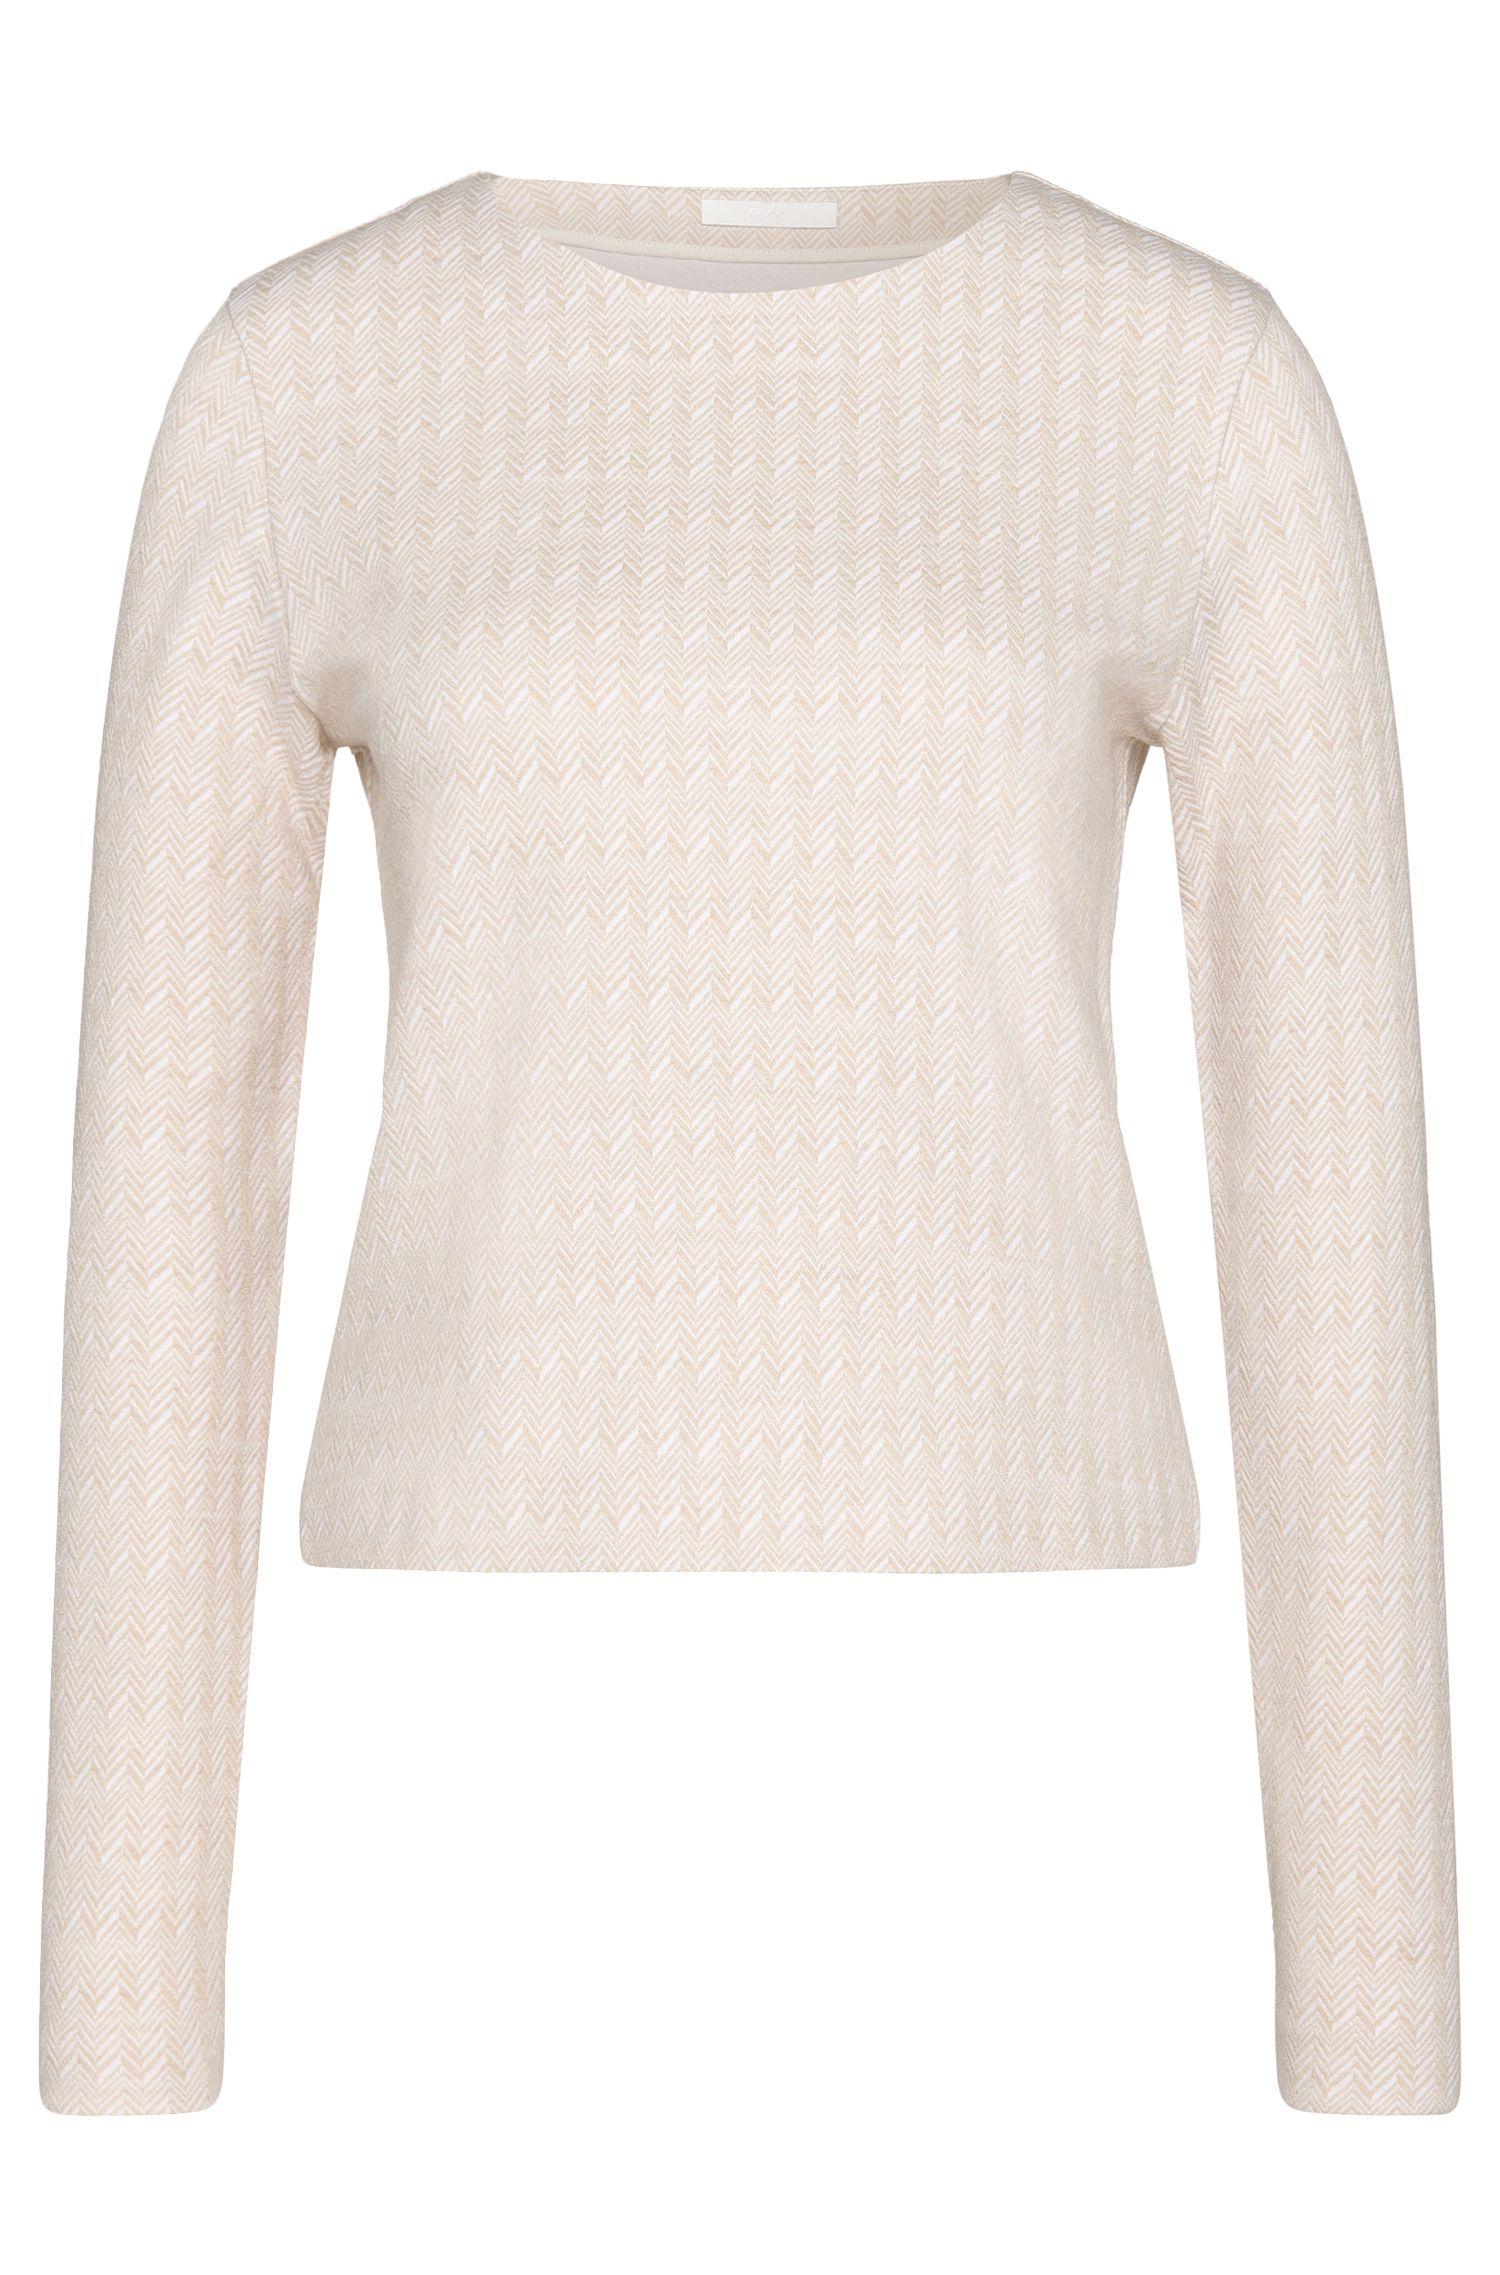 Sweatshirt van een katoenmix met visgraatpatroon: 'Enie'